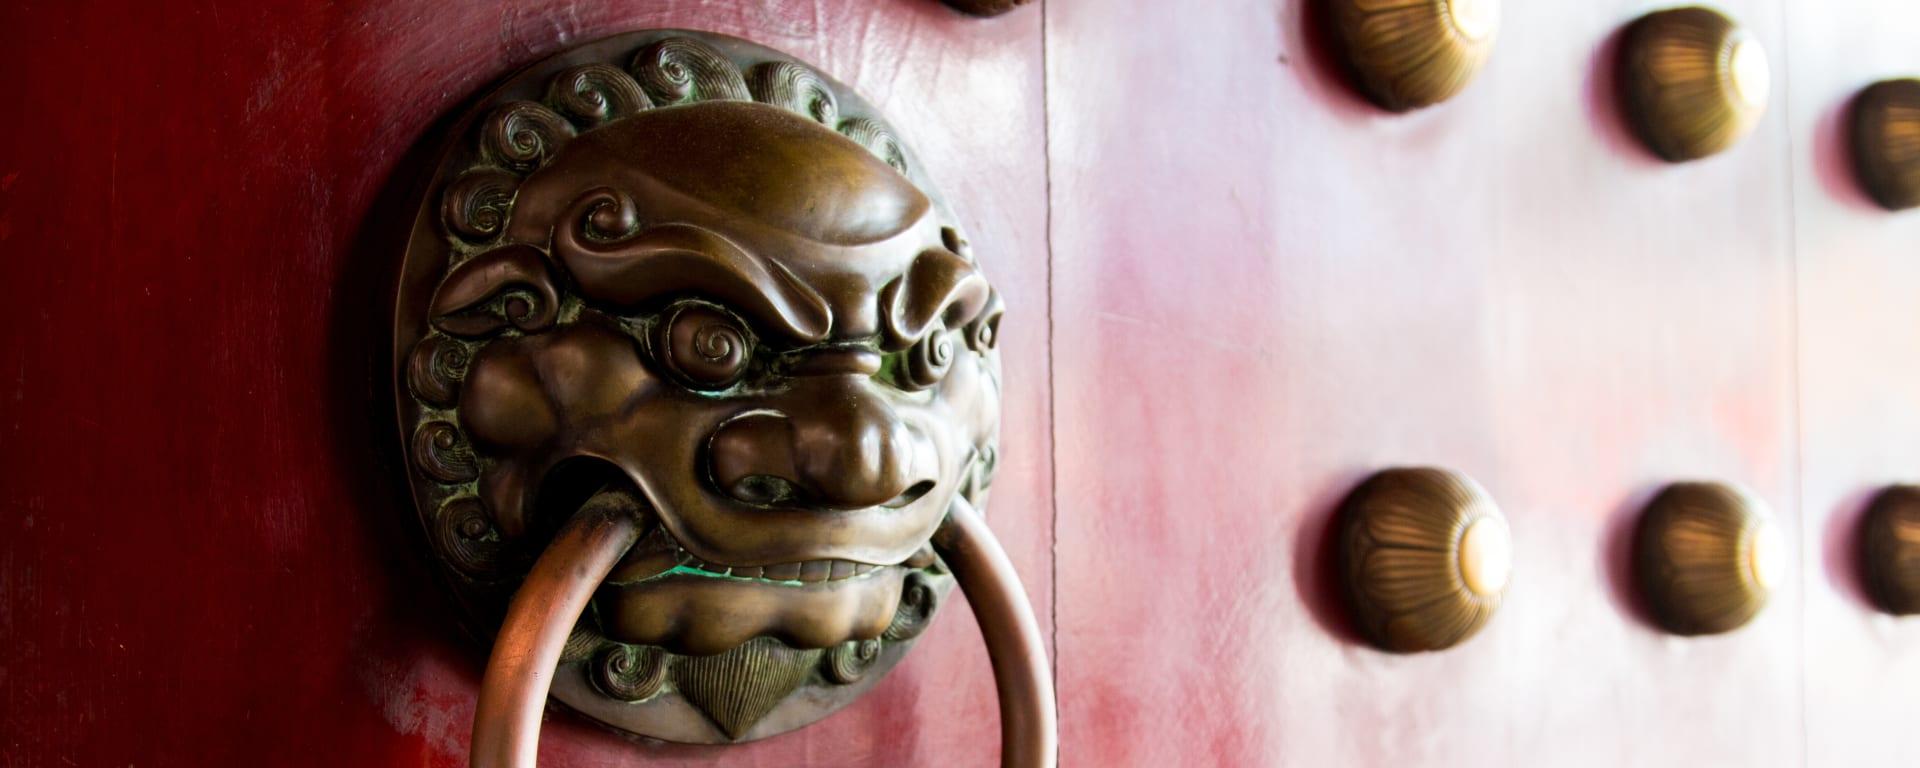 Singapur entdecken mit Tischler Reisen: Singapur Chinatown Detail Tempel